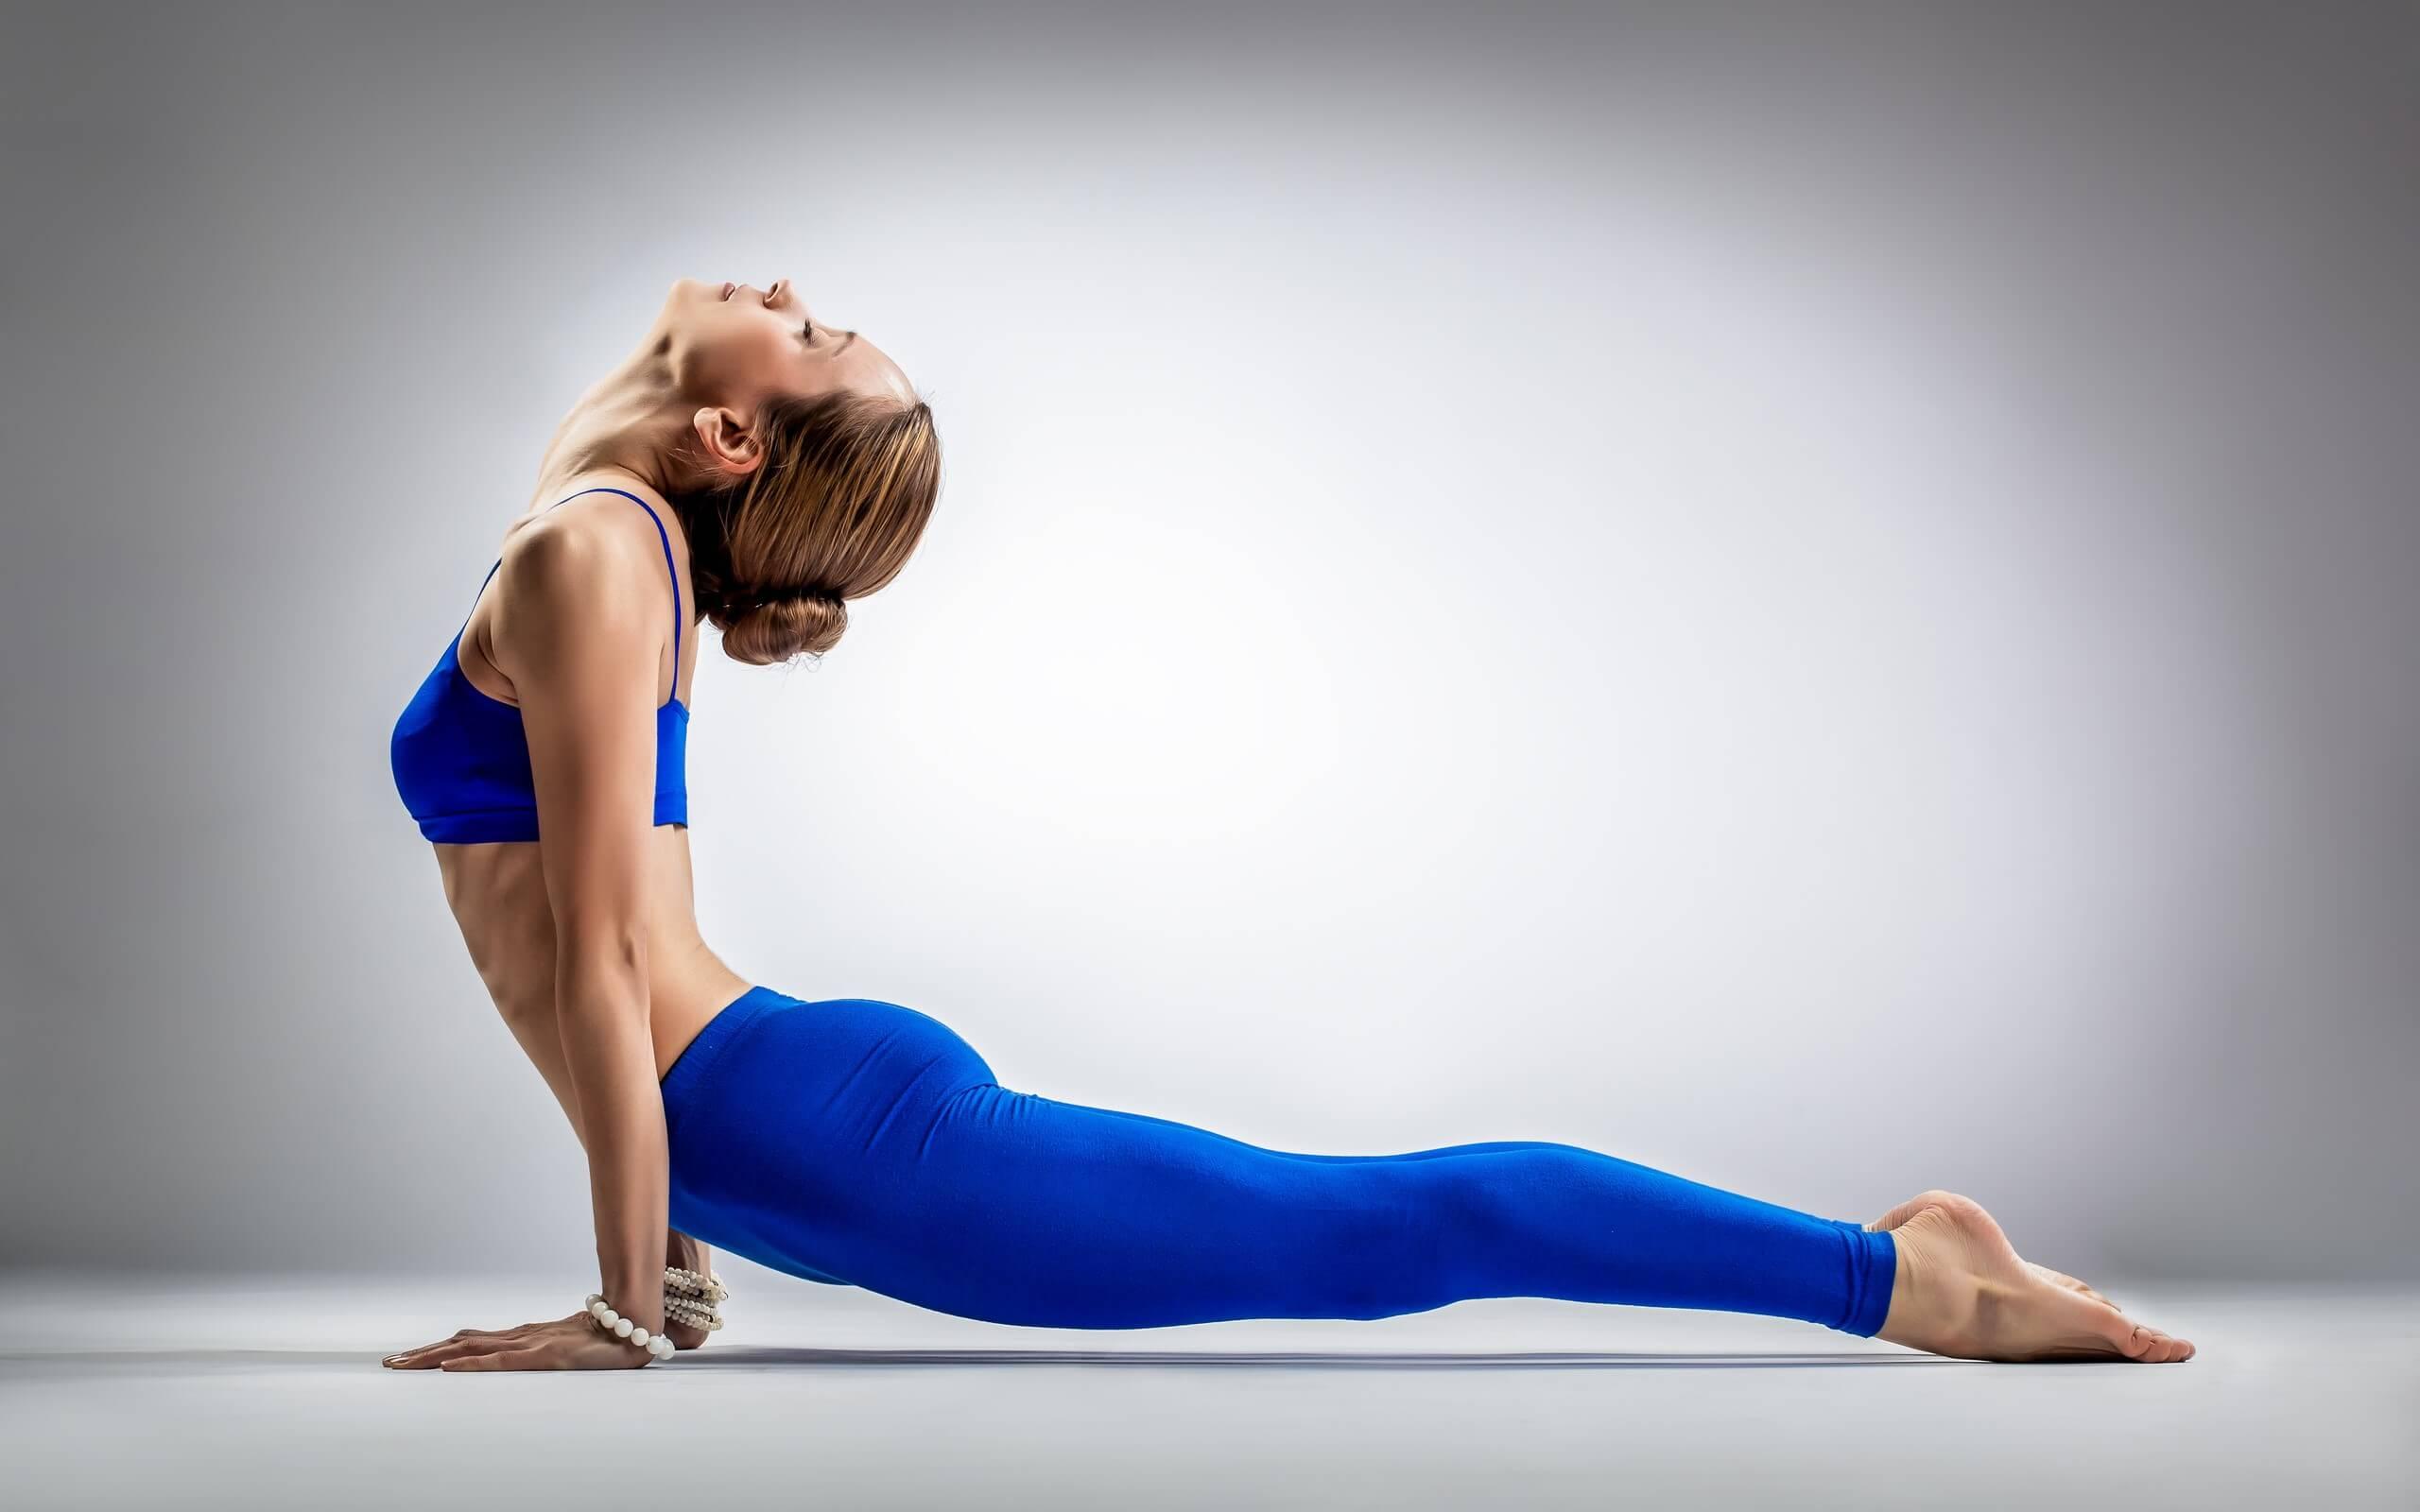 профилактика заболеваний спины